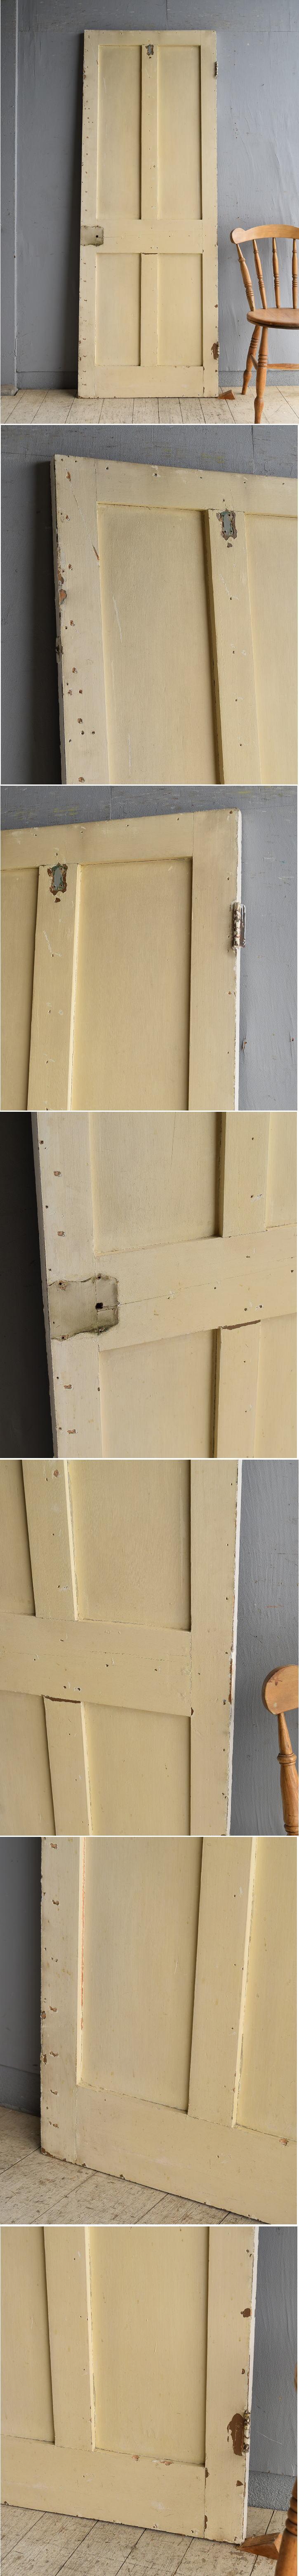 イギリス アンティーク ドア 扉 建具 8537